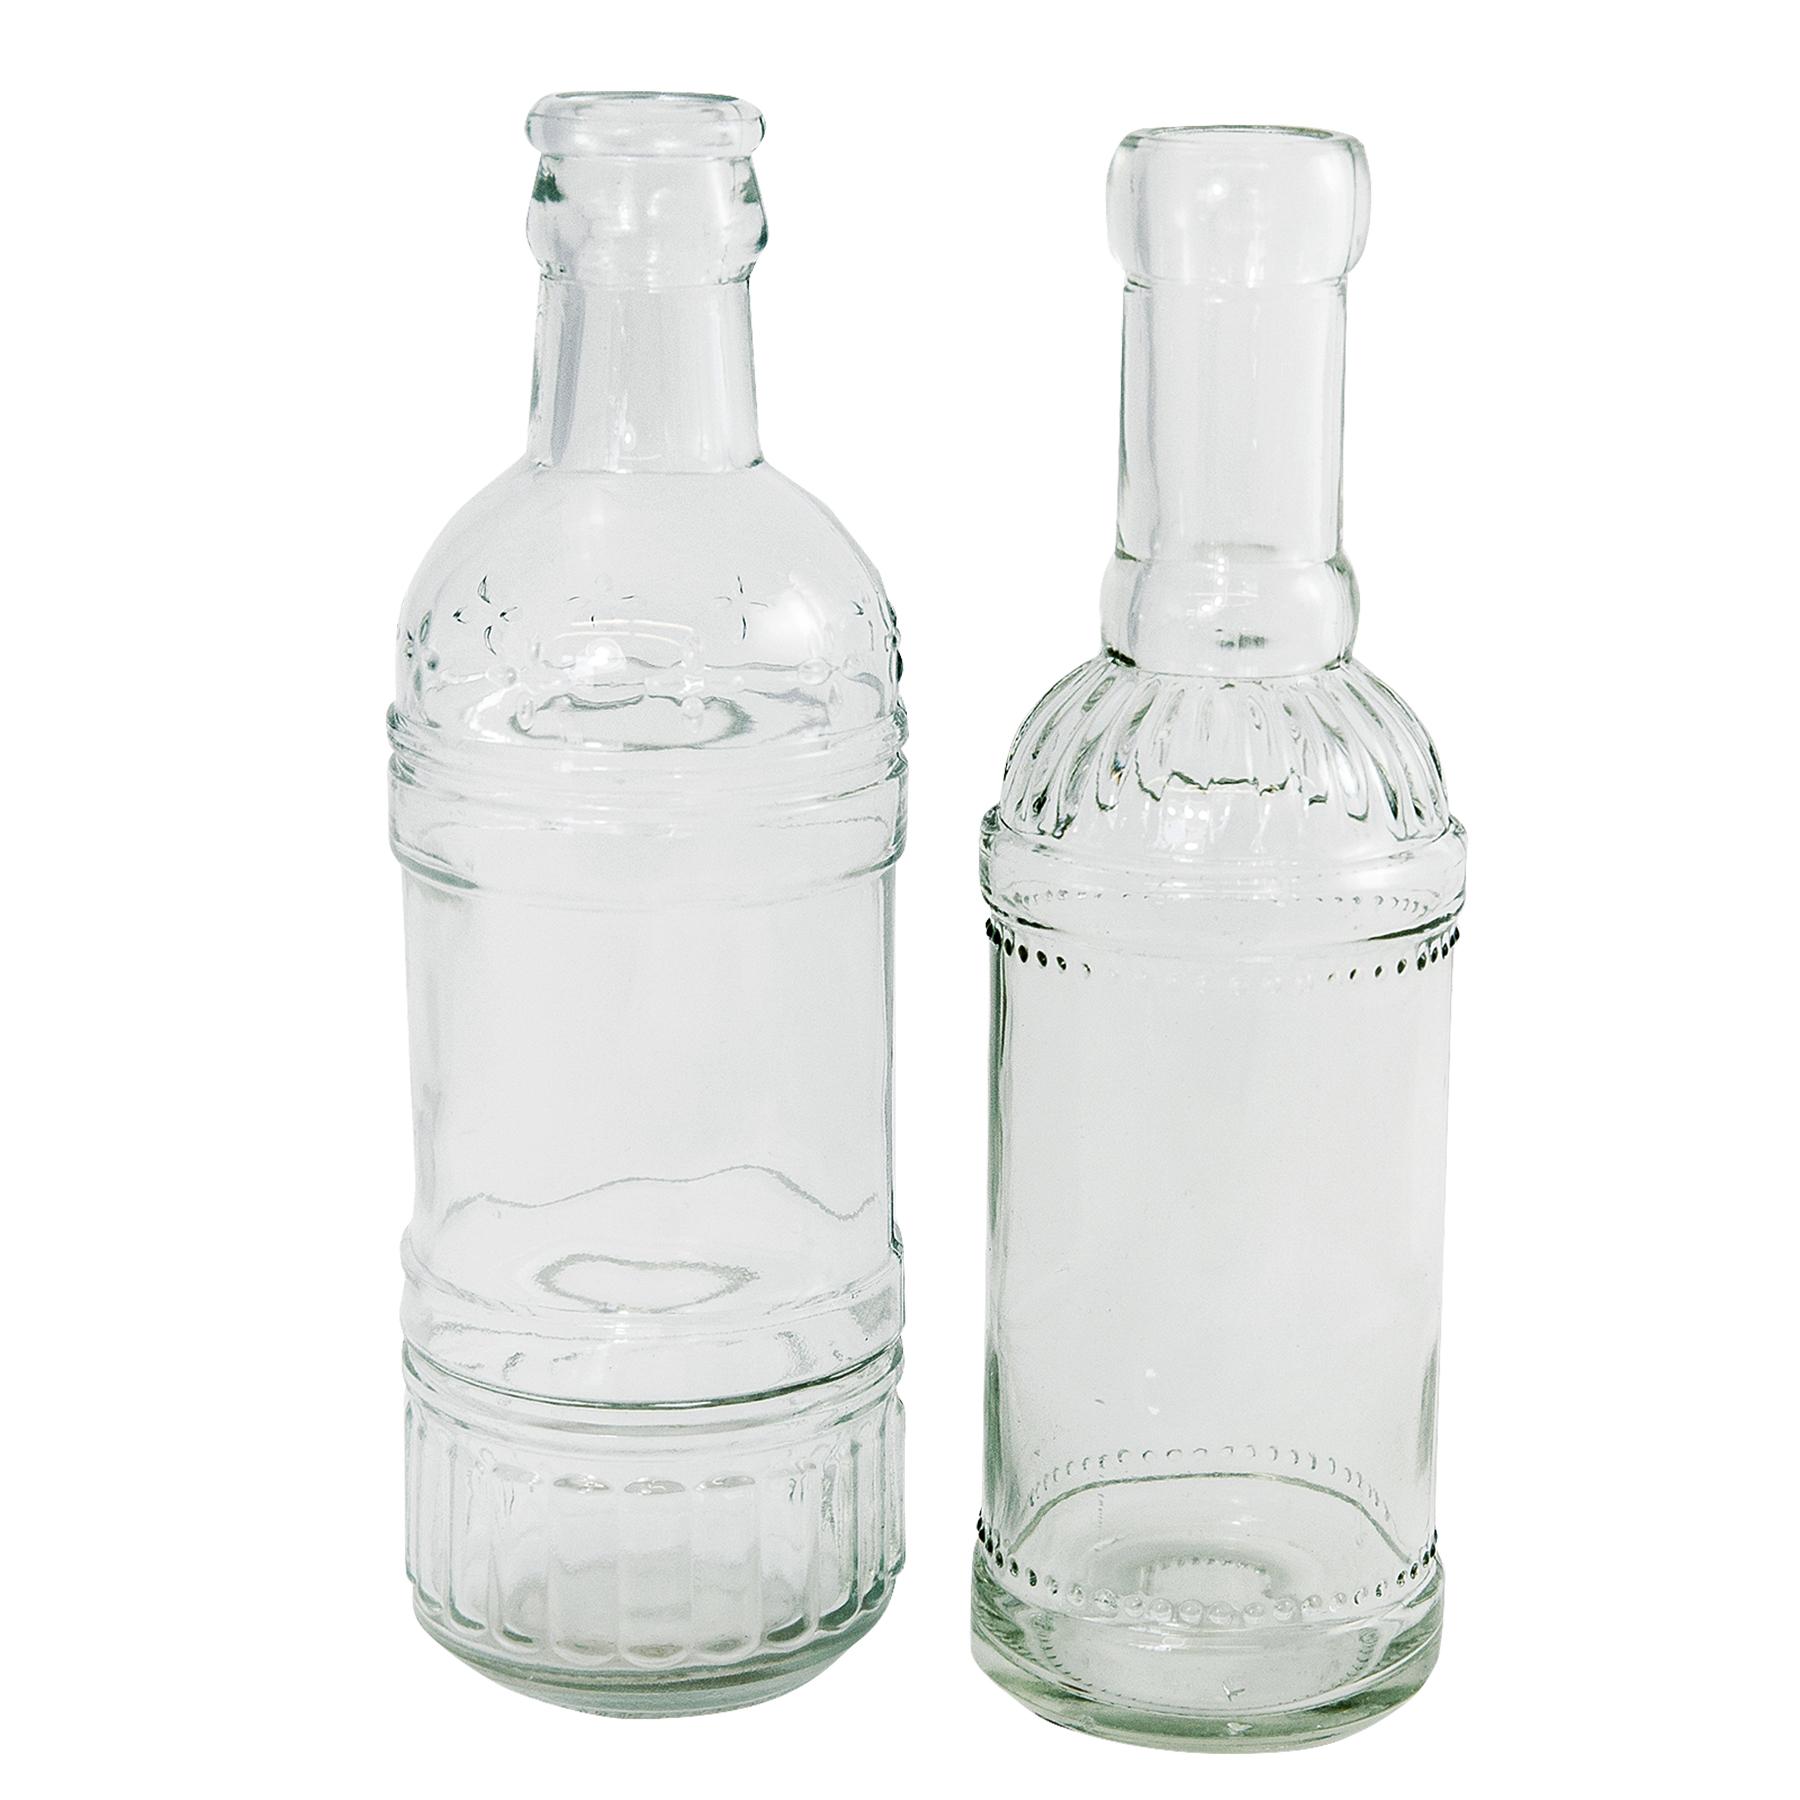 Annastore 12 Stuck Deko Glasflaschen Vasen H 12 Cm